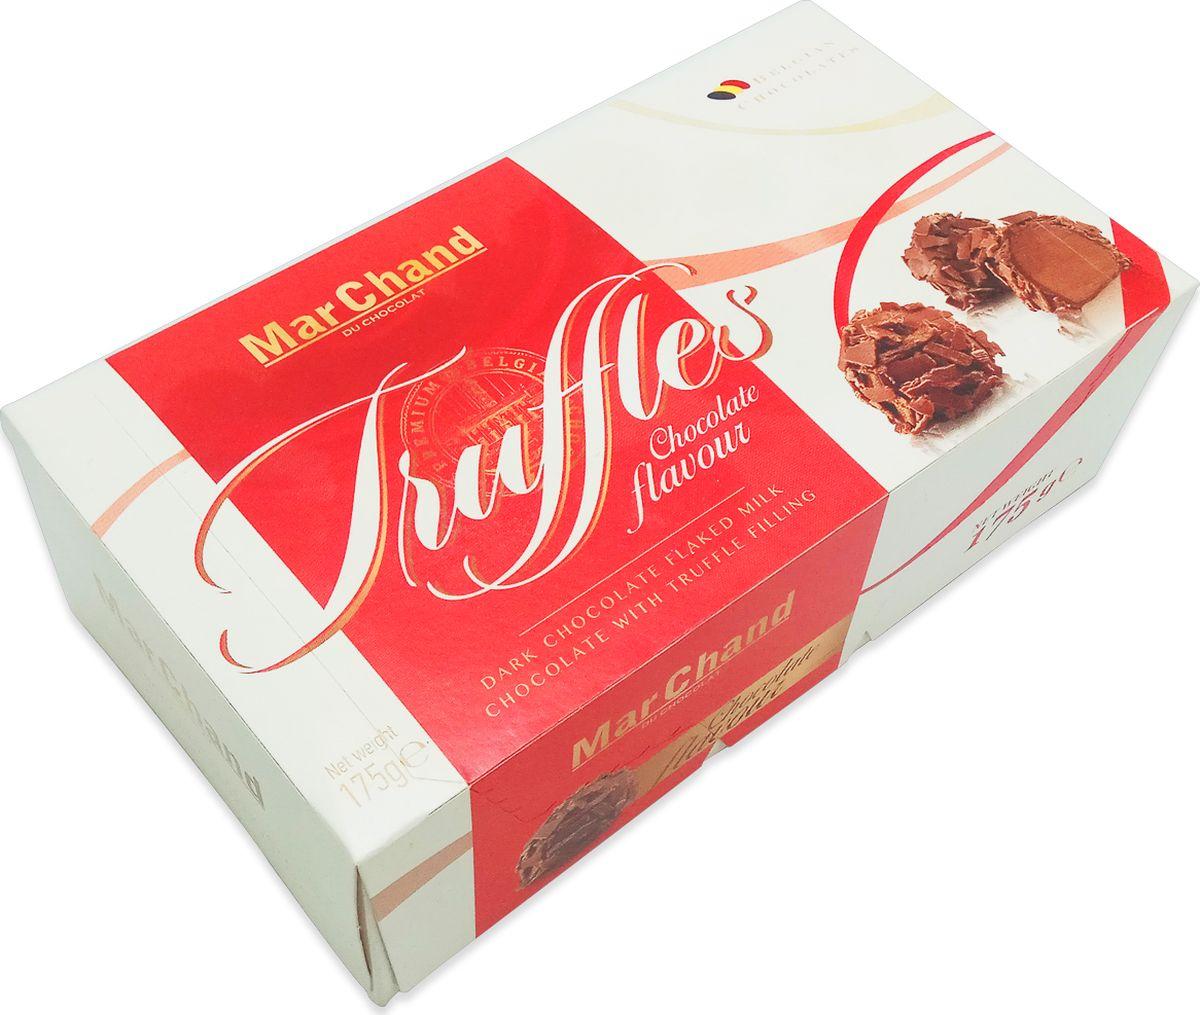 MarChand трюфели шоколадные конфеты шоколадные, 175 г